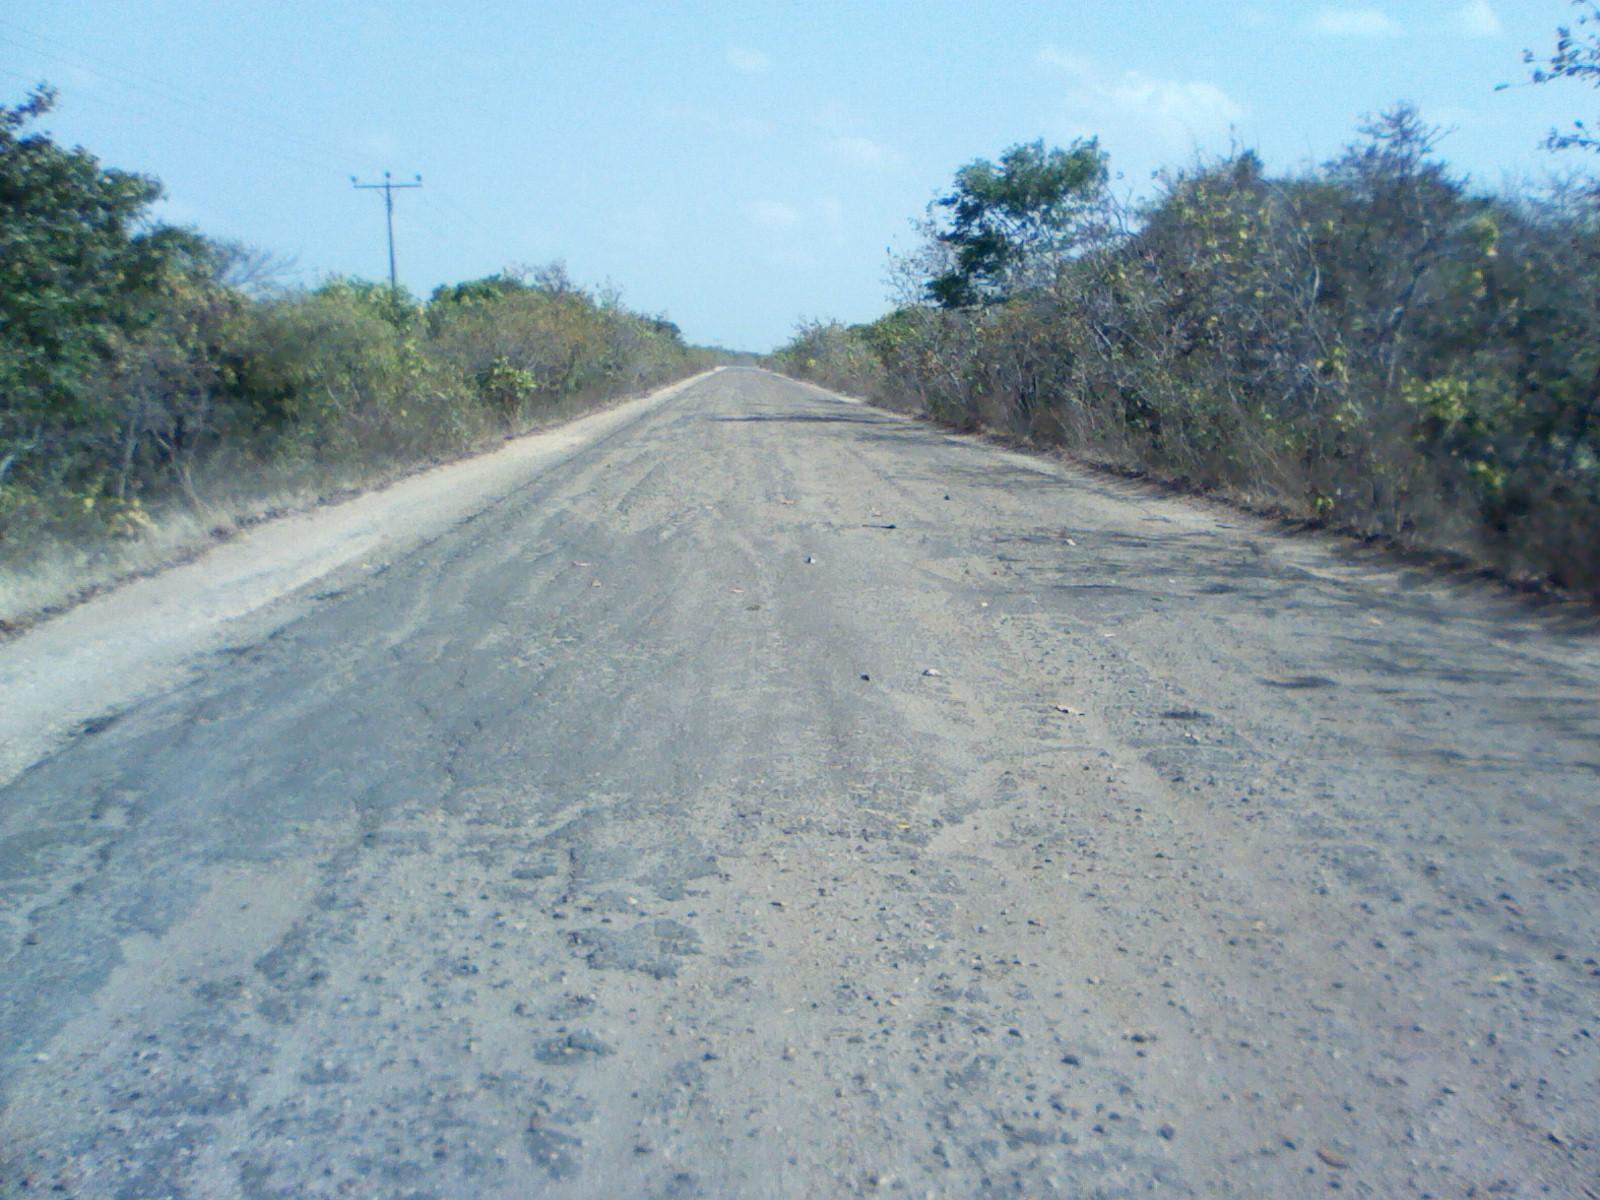 Un total de 47 kilómetros de vialidad divididos en dos tramos están en total deterioro.